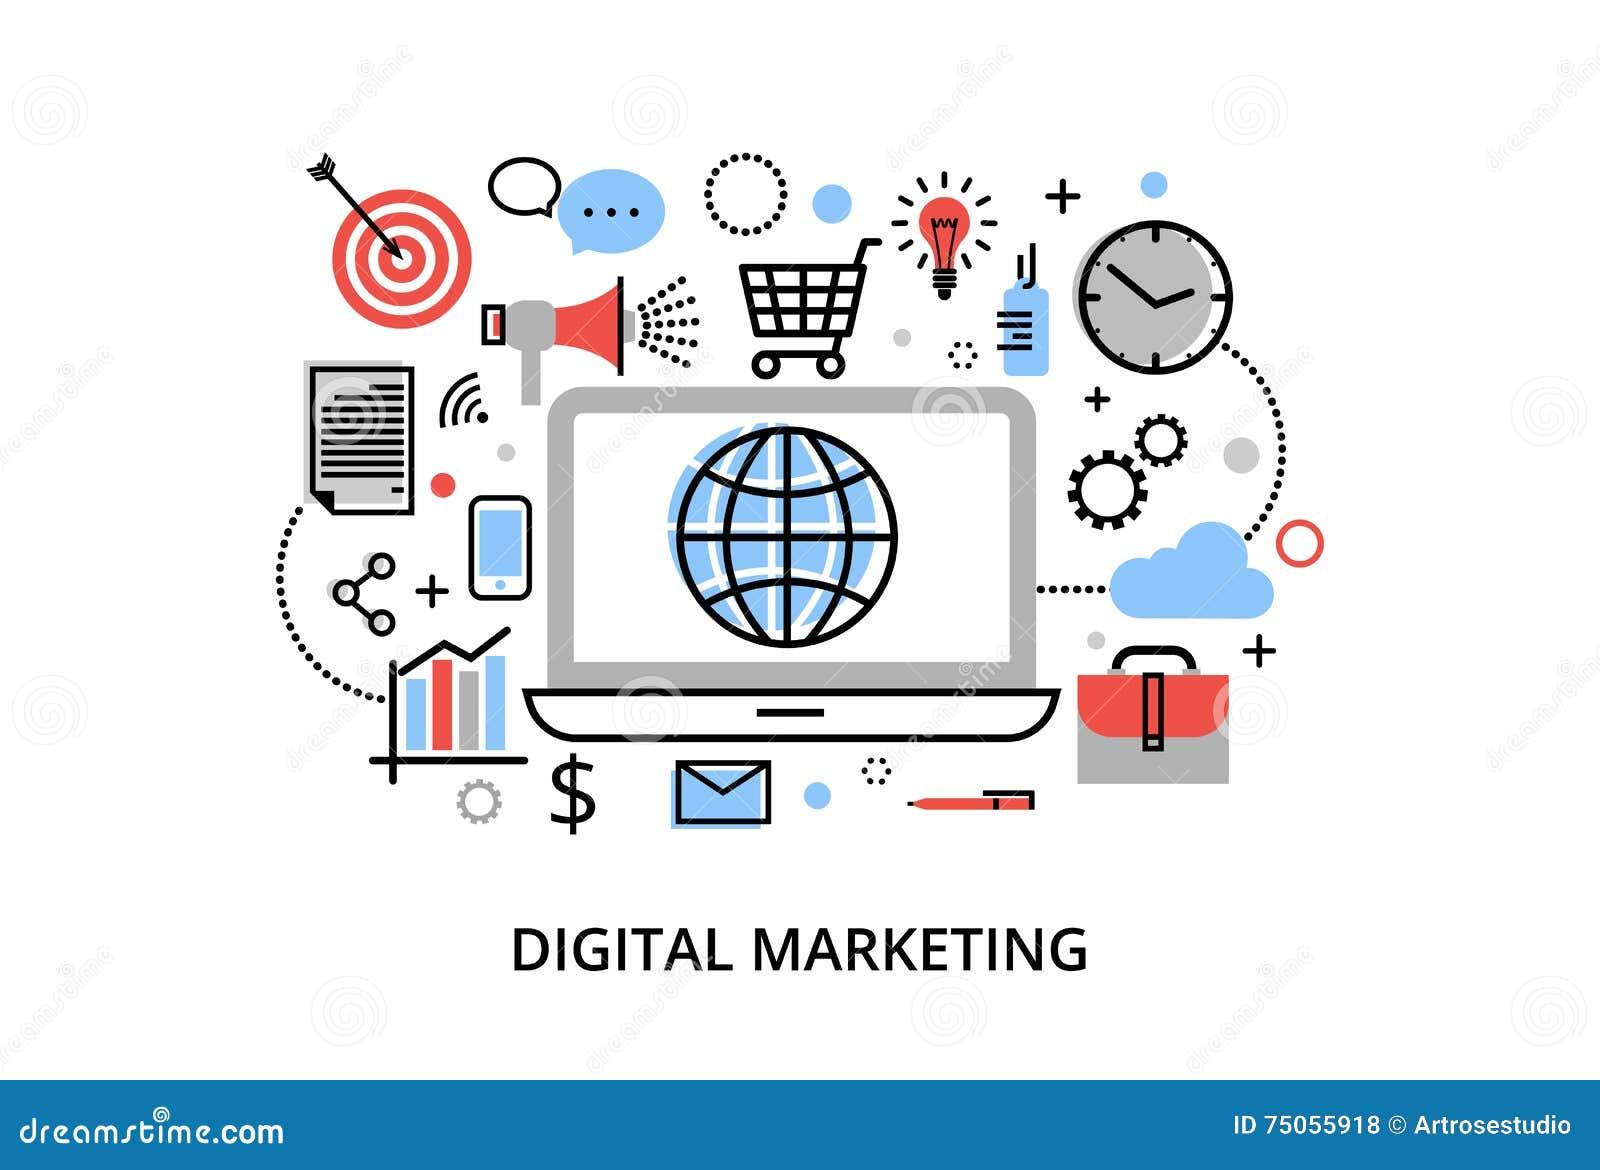 Современная плоская тонкая линия иллюстрация вектора дизайна, концепция цифрового маркетинга, идея маркетинга интернета и новый р